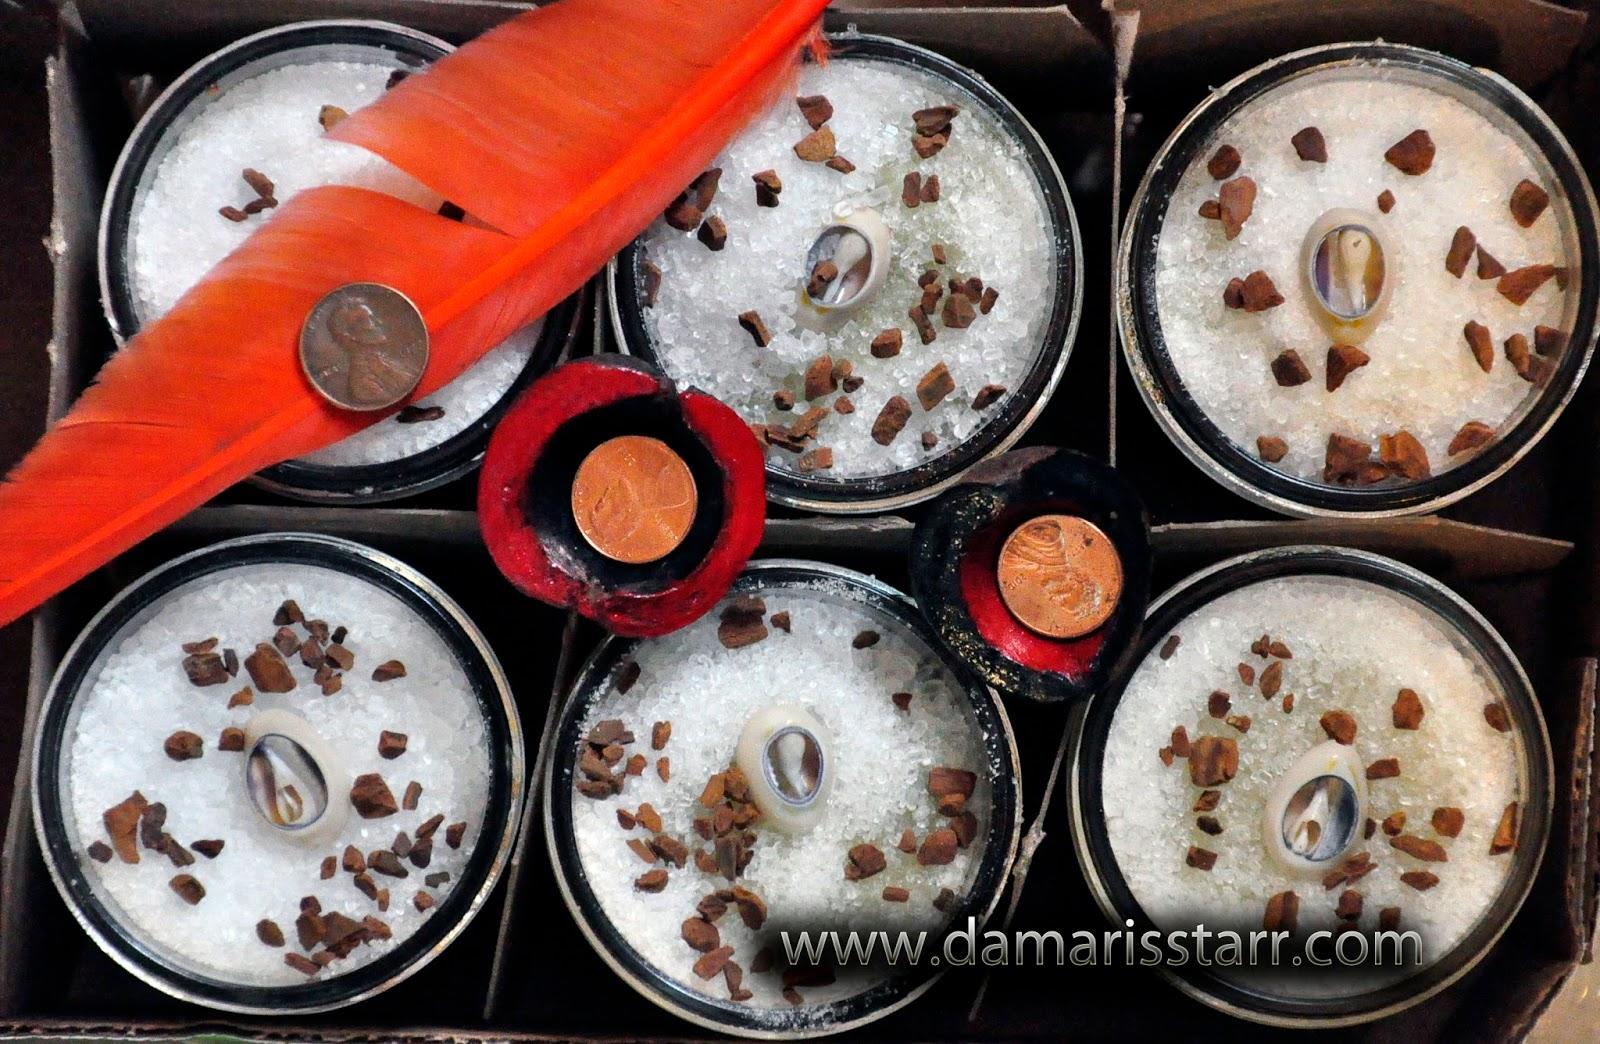 The Starr Bar: Spiritual Baths and Remedies by Damaris